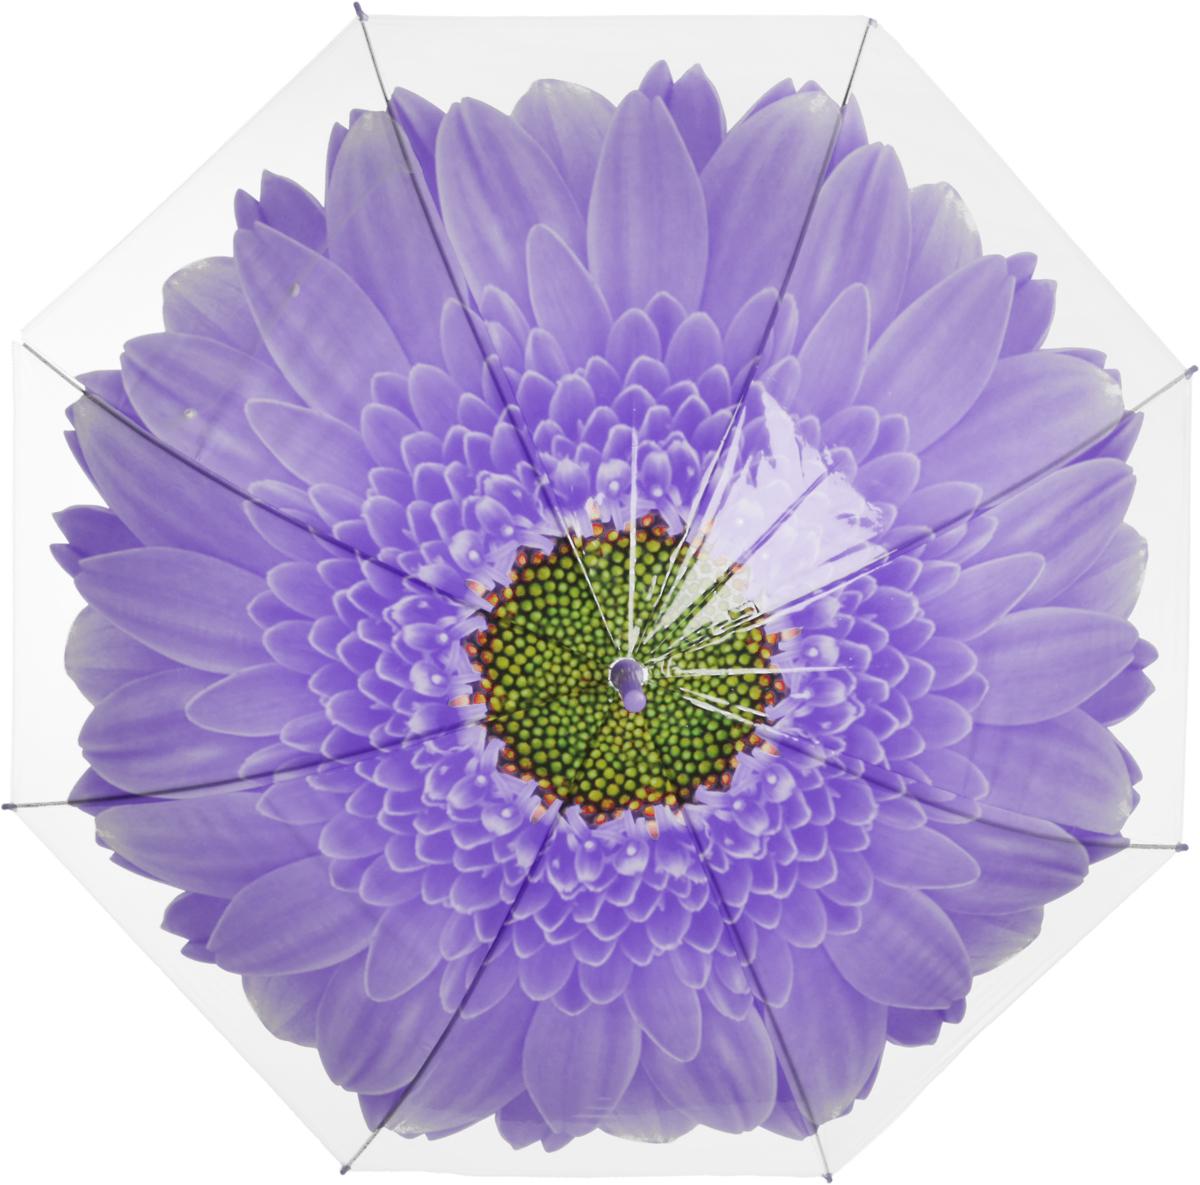 Зонт женский Эврика Цветок, цвет: фиолетовый, белый. 97857CX1516-50-10Зонт-трость полиэтиленовый, диаметр купола 1 метр, длинна трости 74 см.Упаковка: пакет прозрачный.